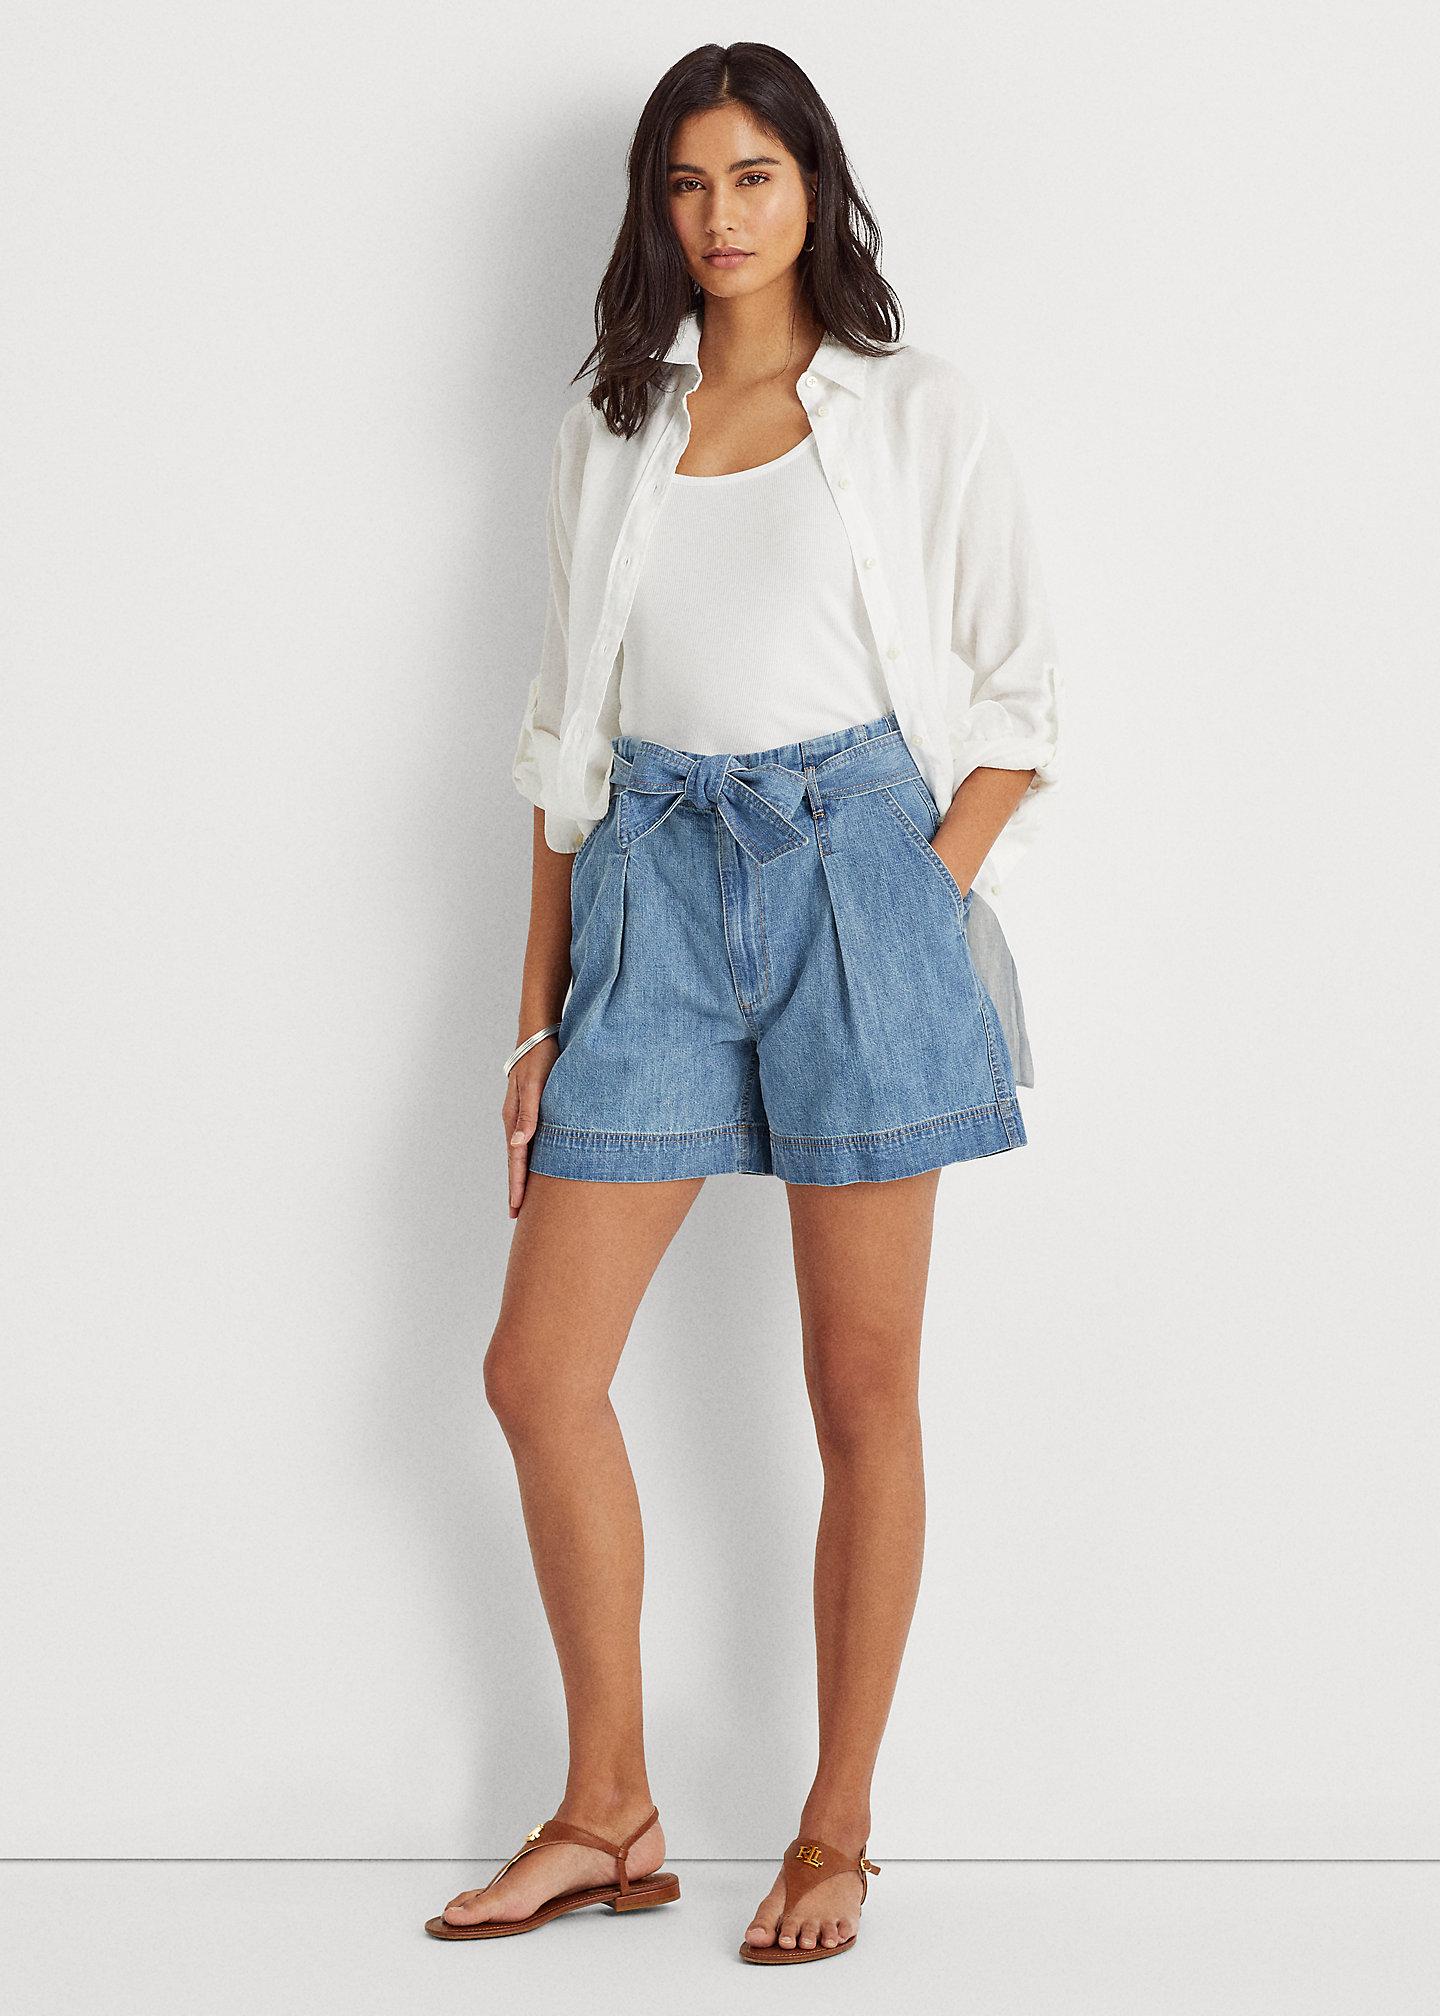 pantaloncini di jeans ralph lauren